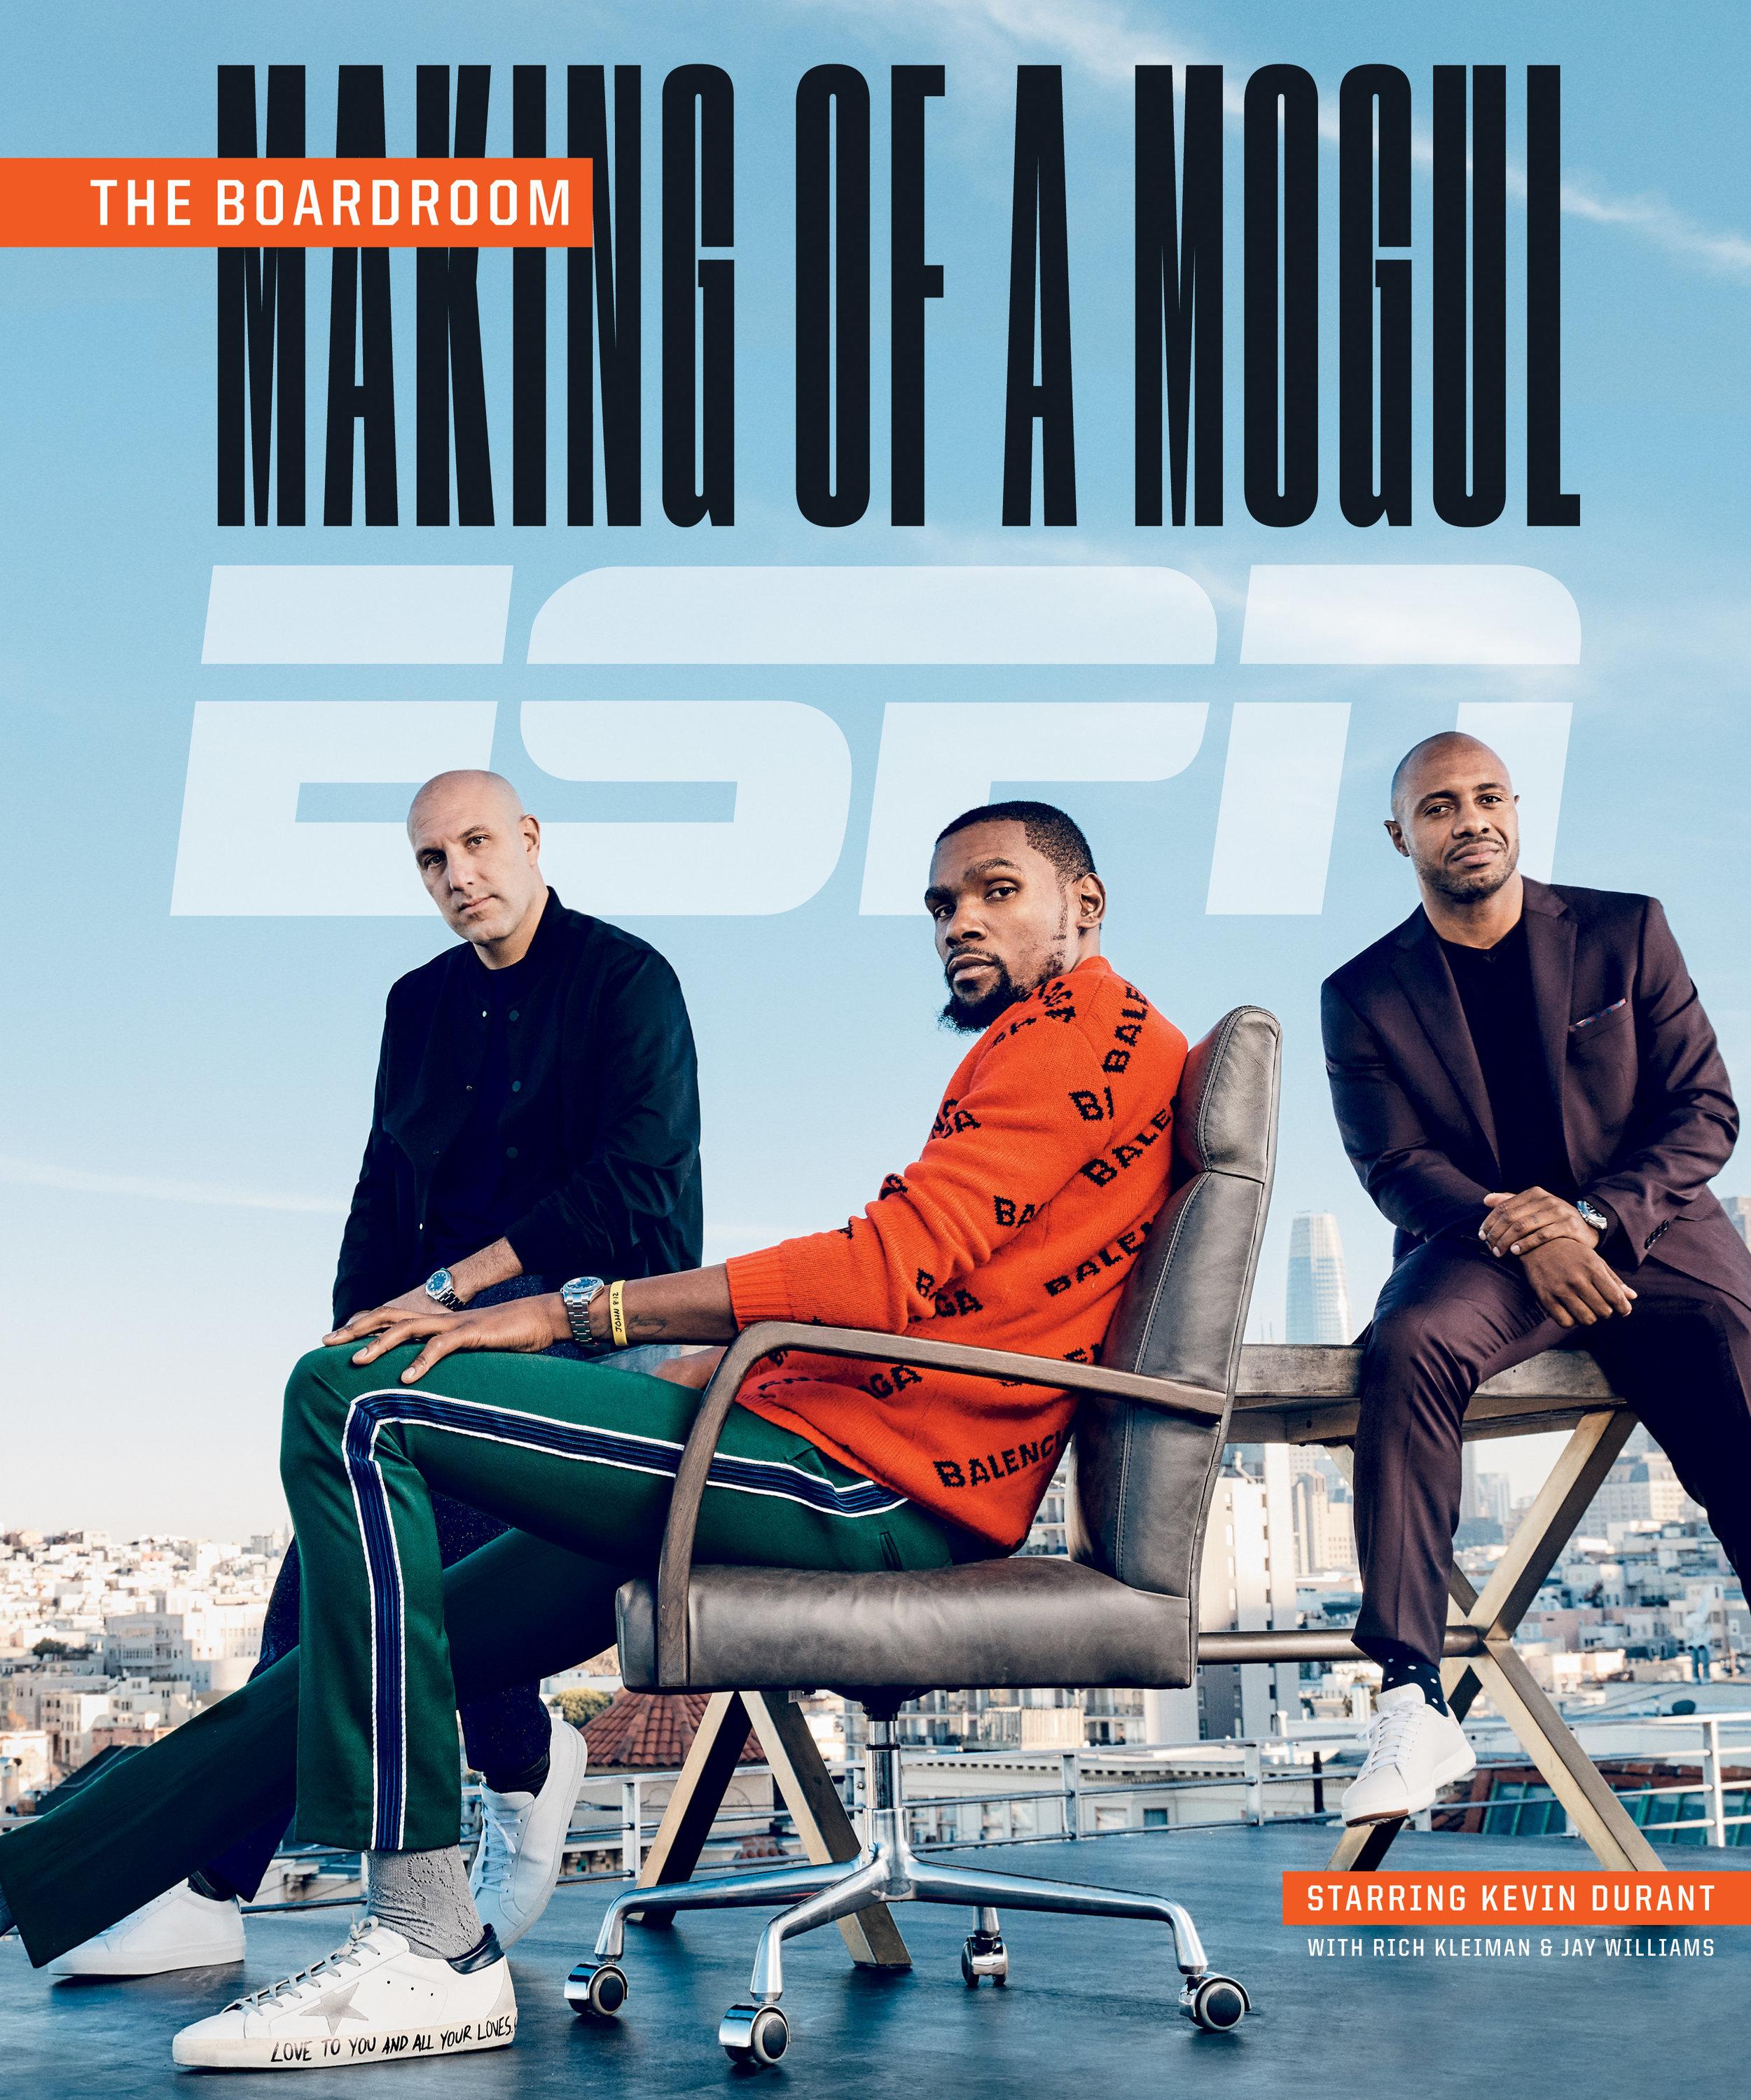 ESPN-021519-COVER.jpg